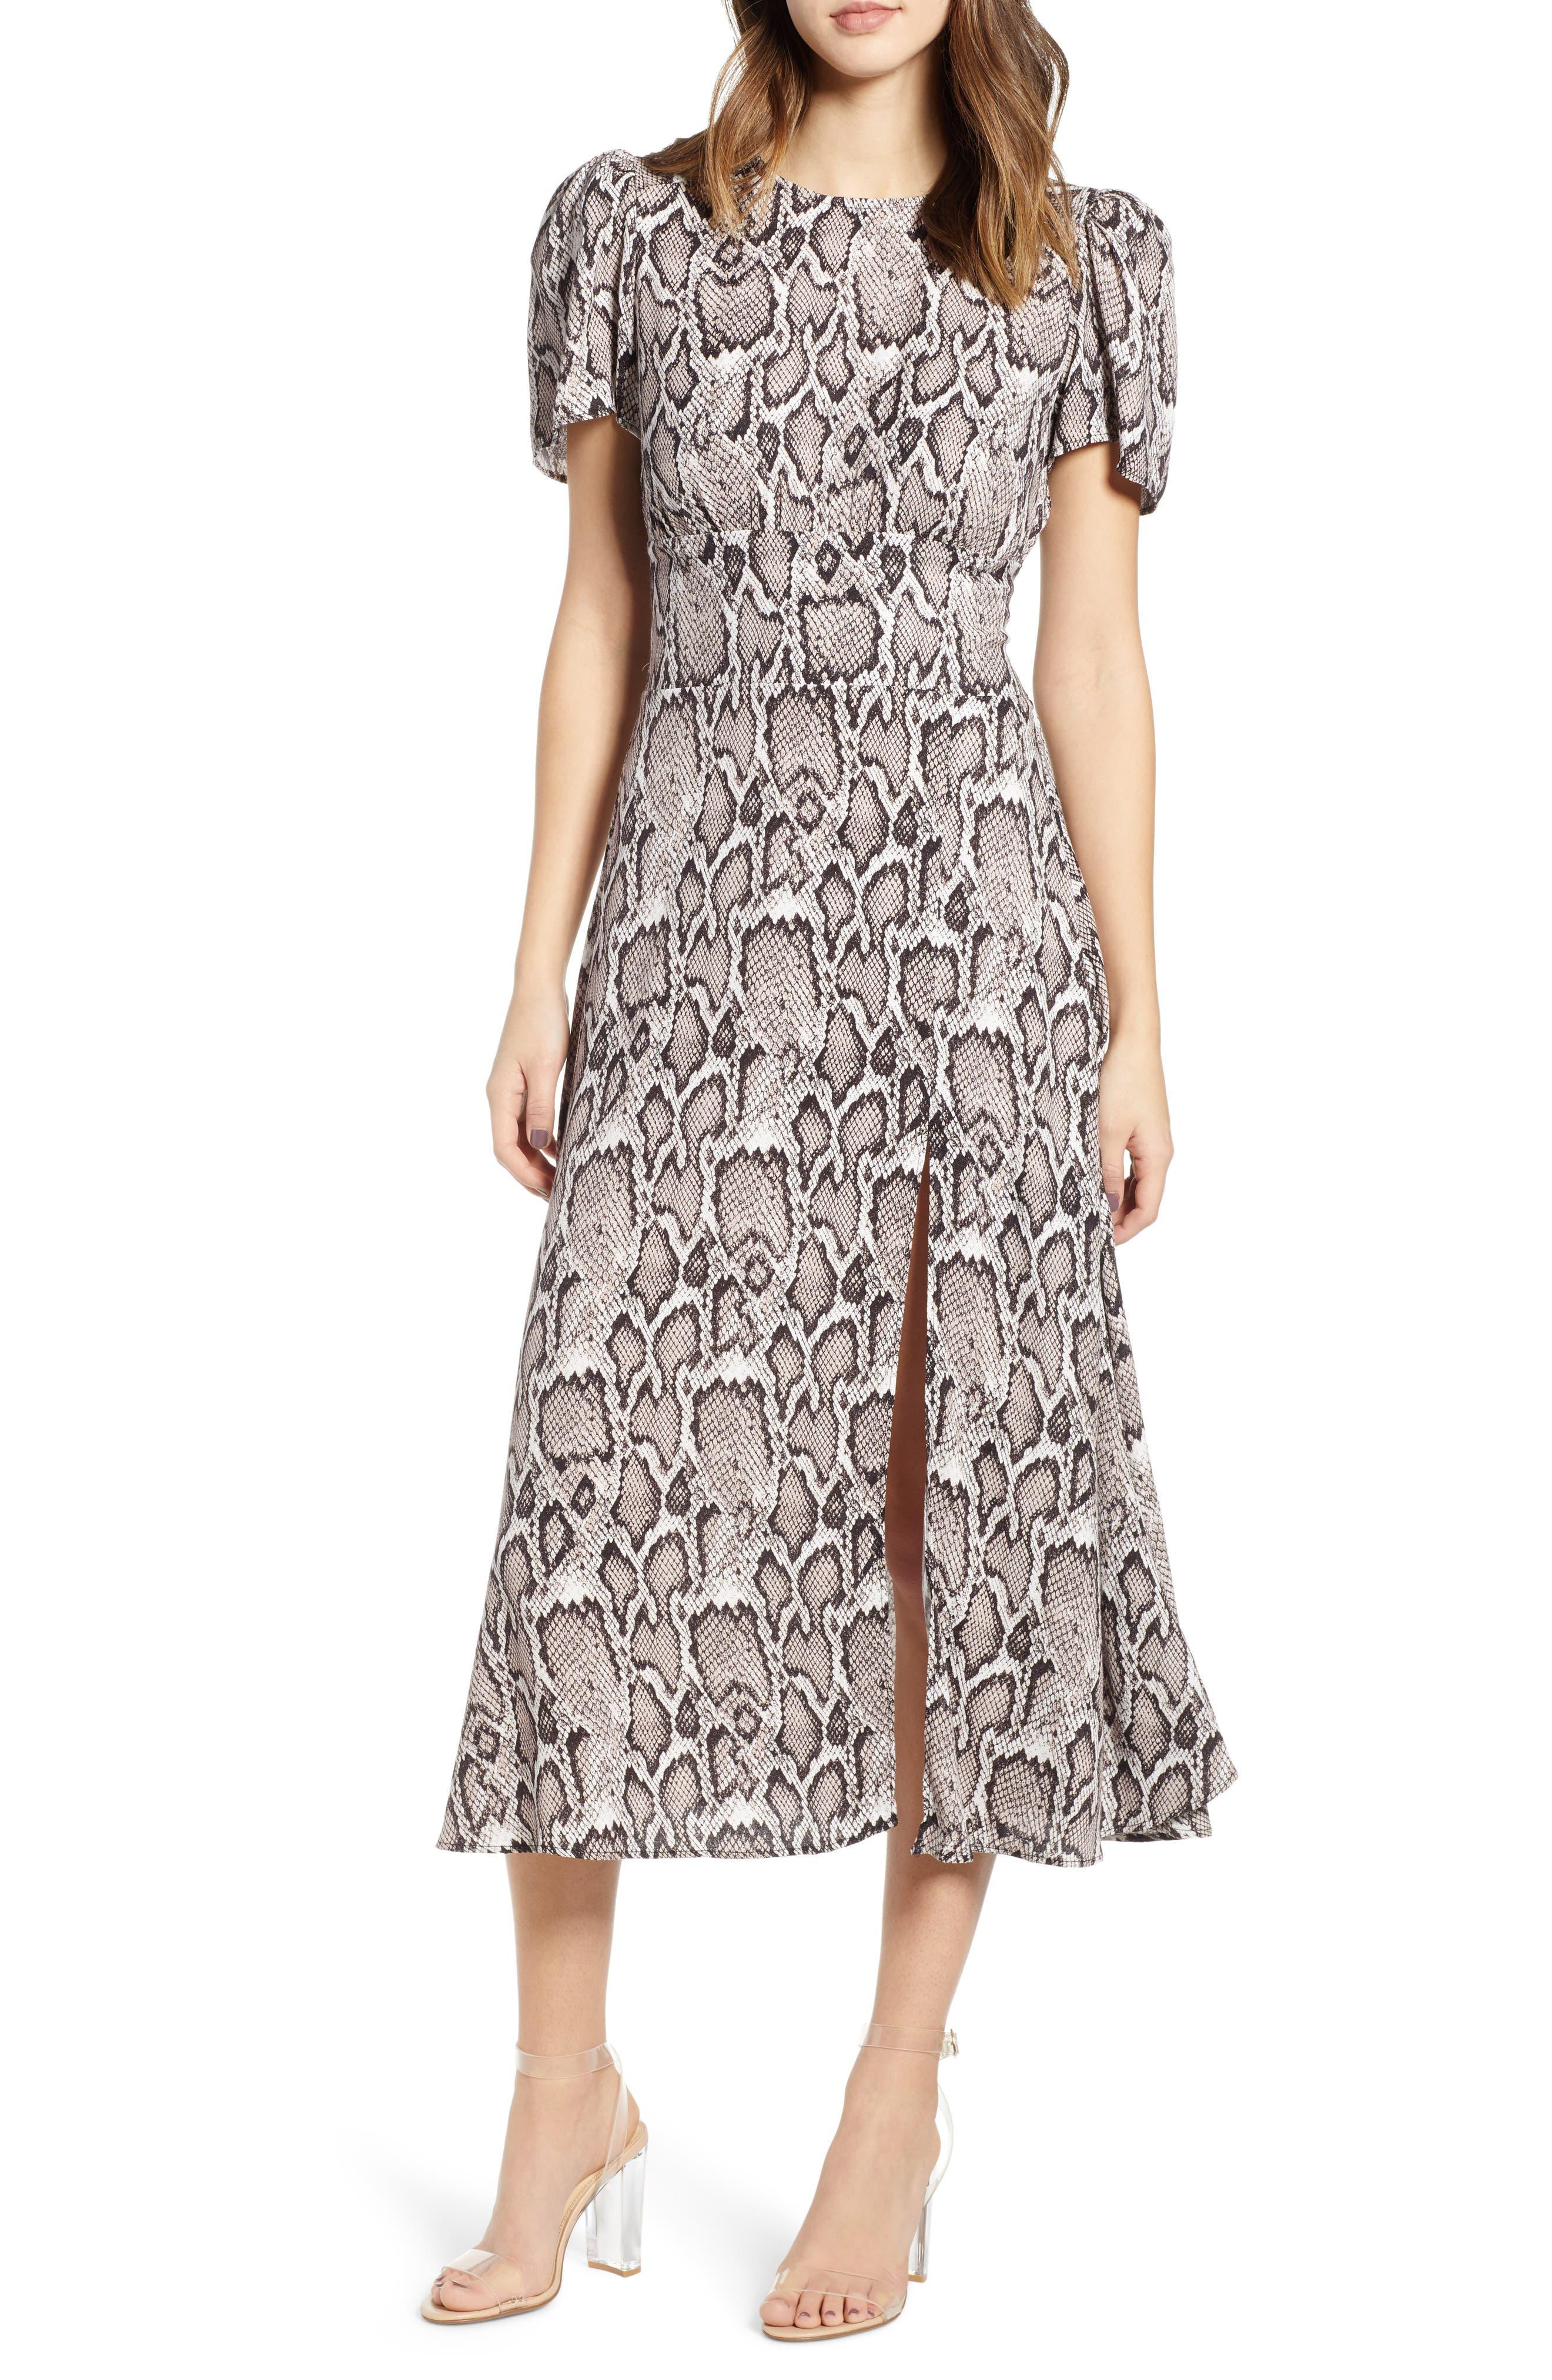 AFRM, Lala Midi Dress, Main thumbnail 1, color, SNAKESKIN